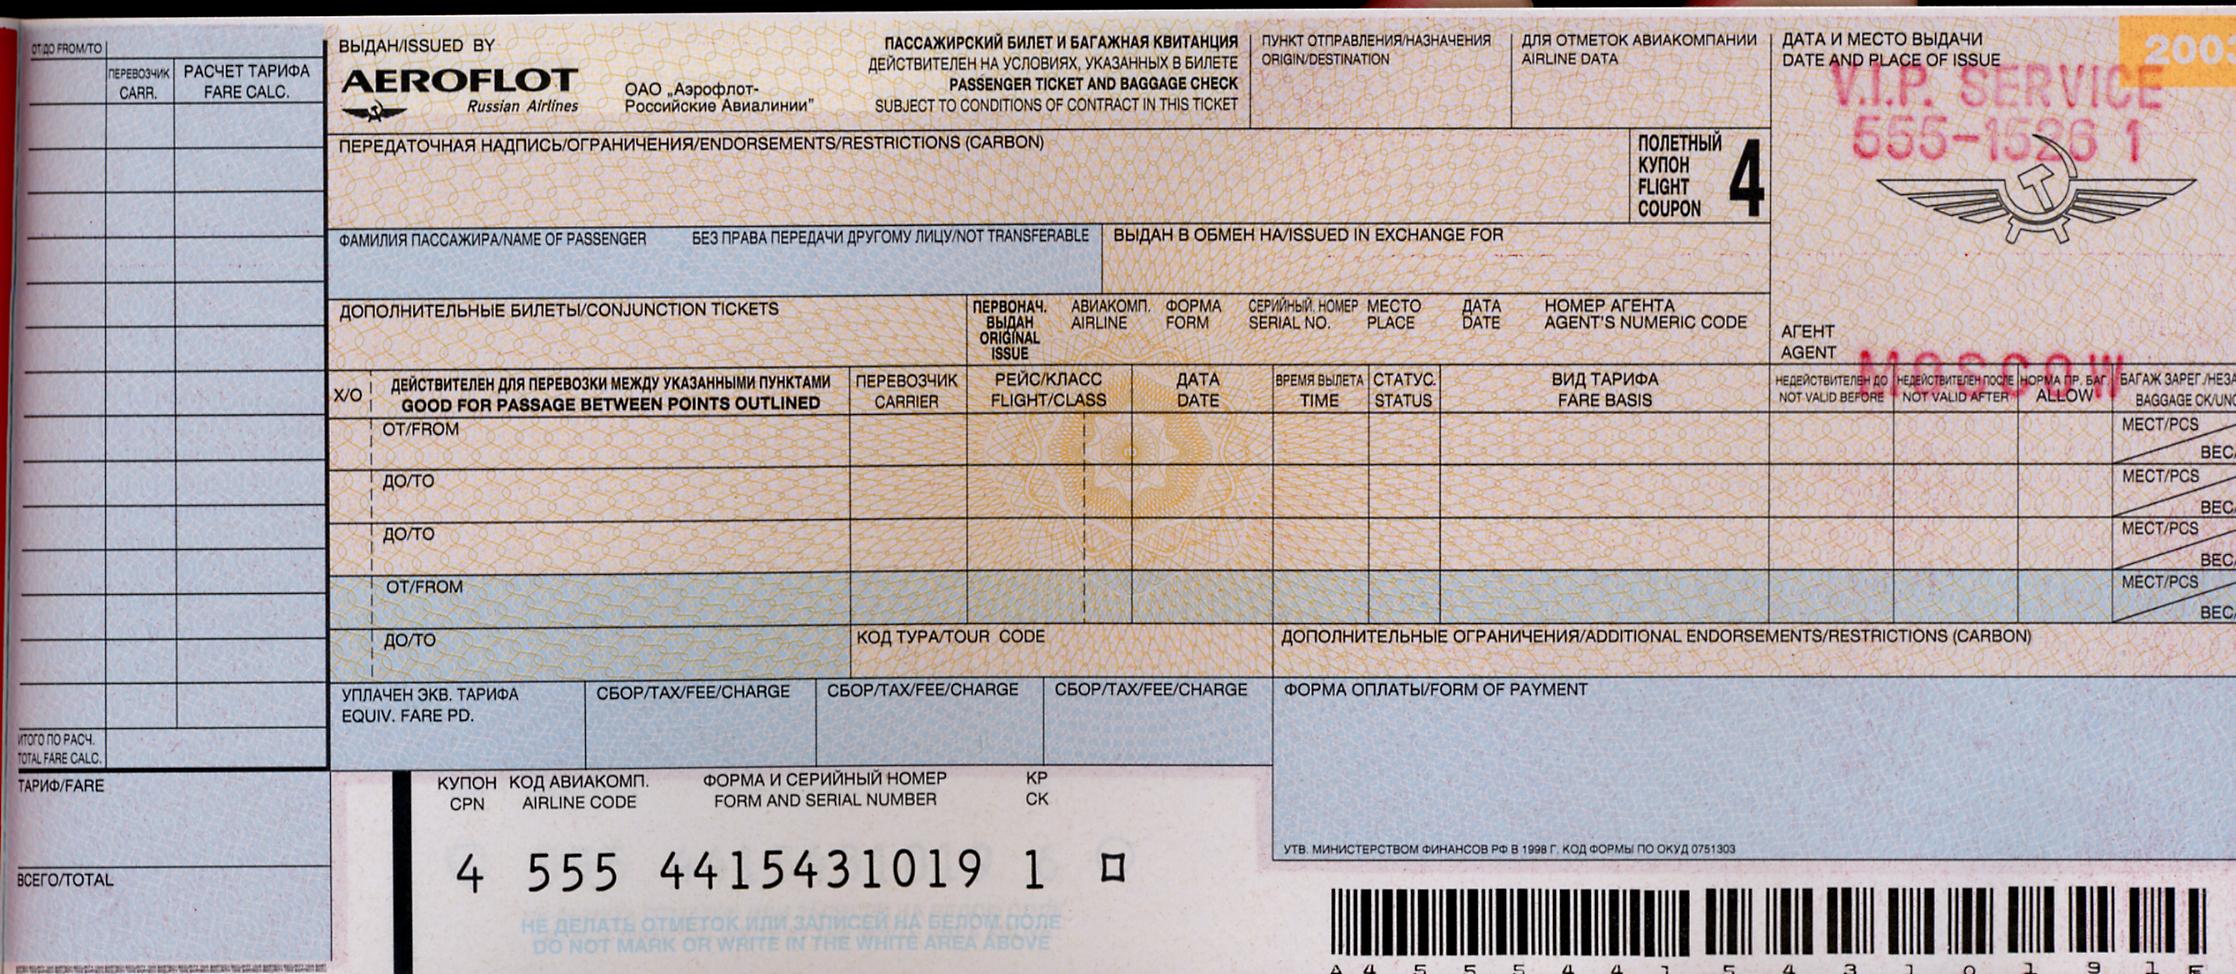 Багажный билет на самолеты регистрация билетов на самолет аэрофлот официальный